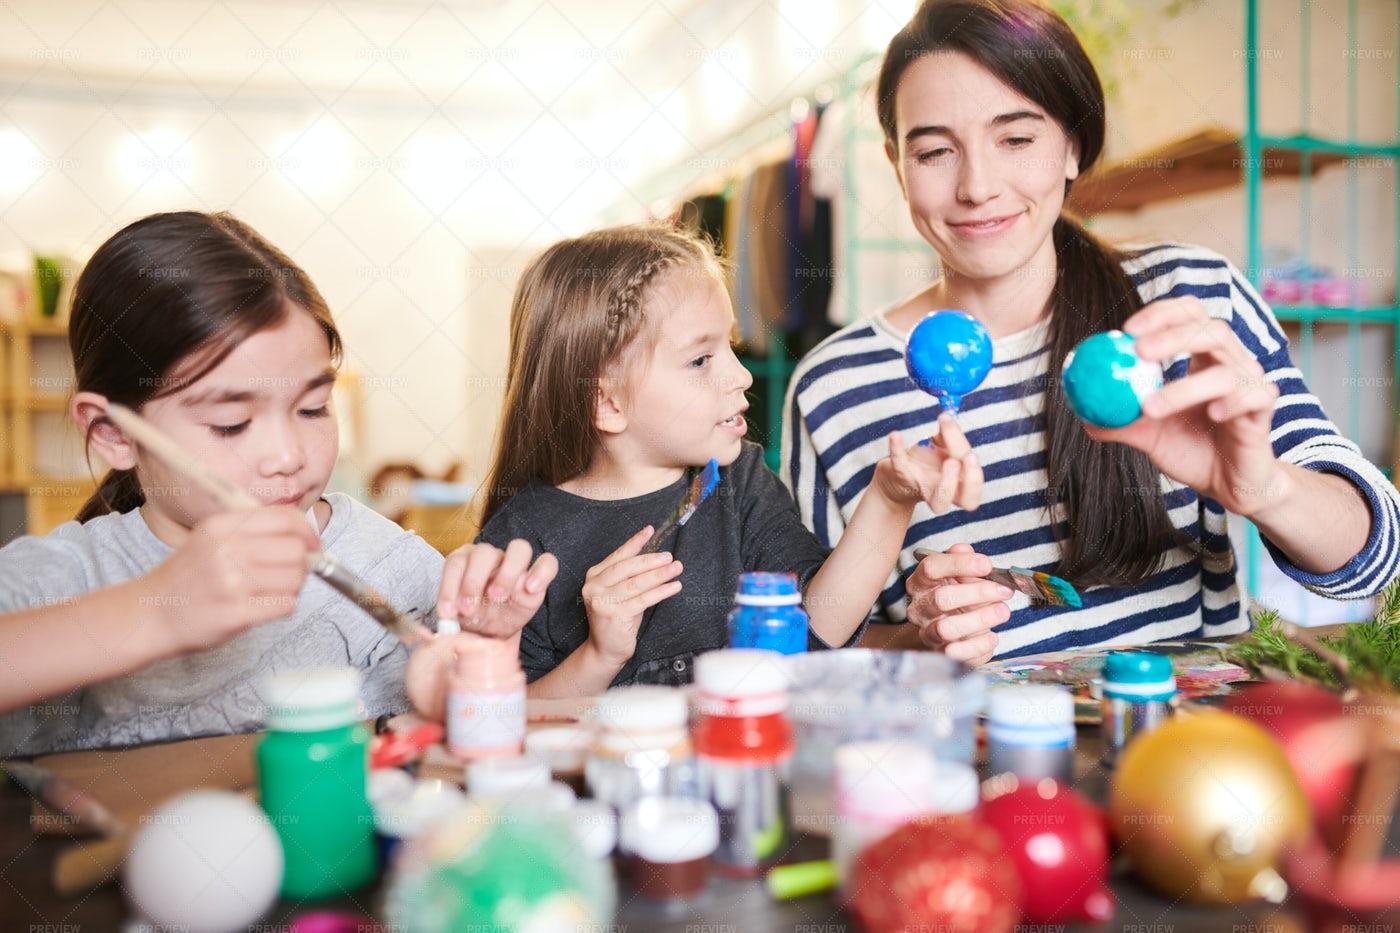 Family  Making Handmade Ornaments: Stock Photos